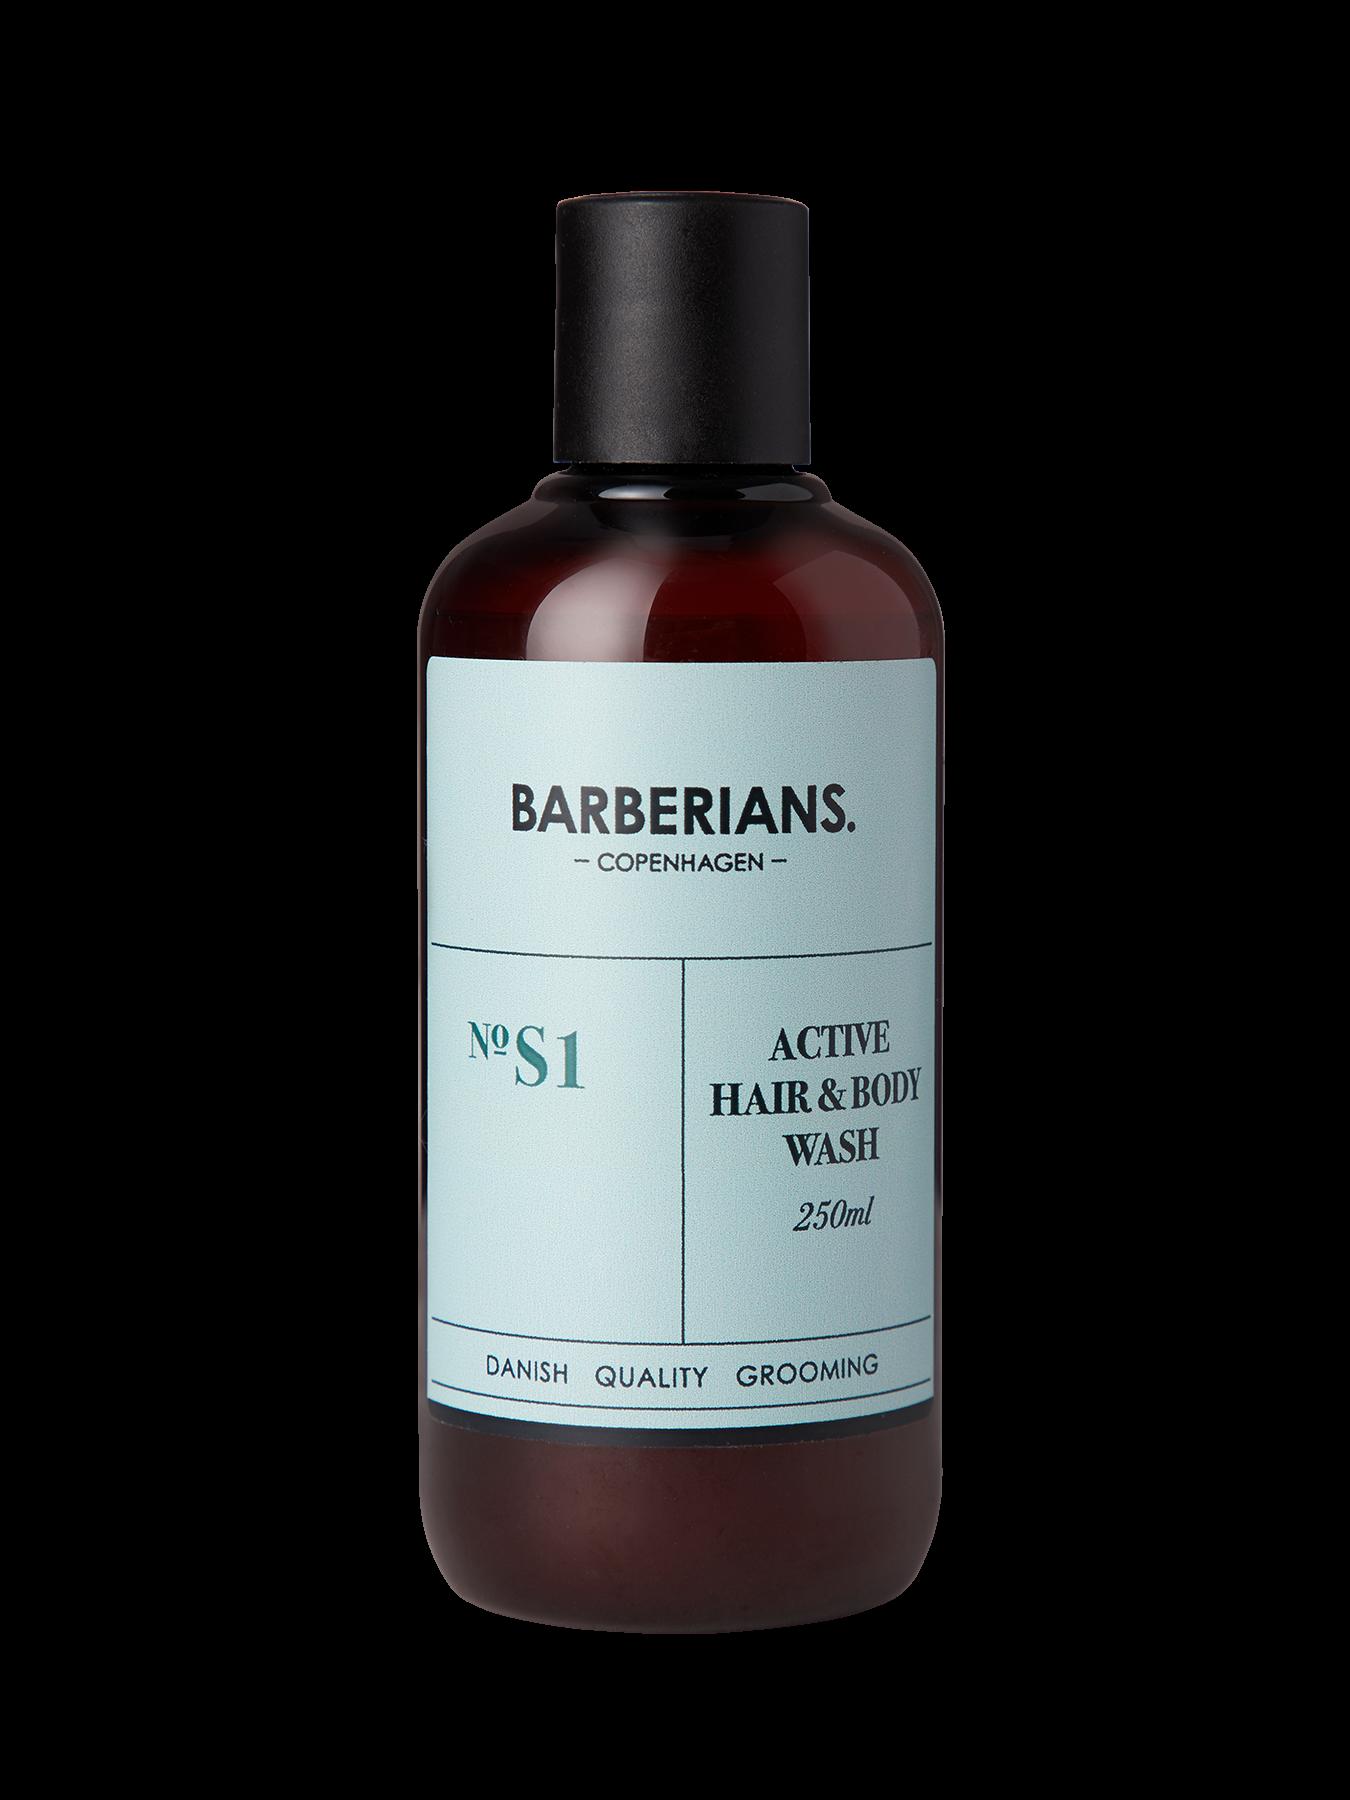 Barberians Copenhagen - Active Hair & Body Wash 250 ml